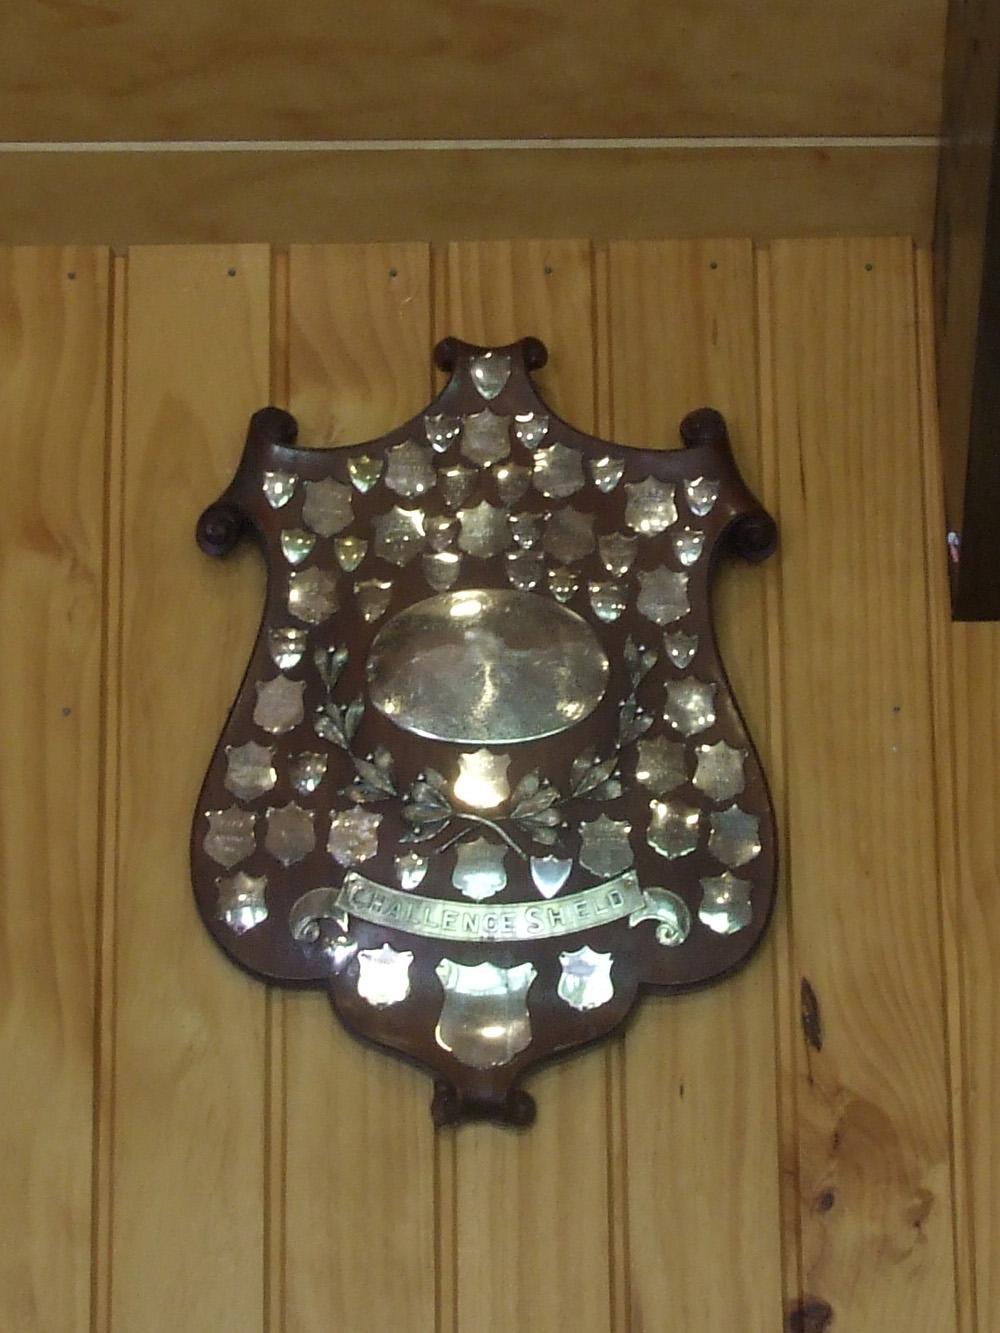 Anderson Shield